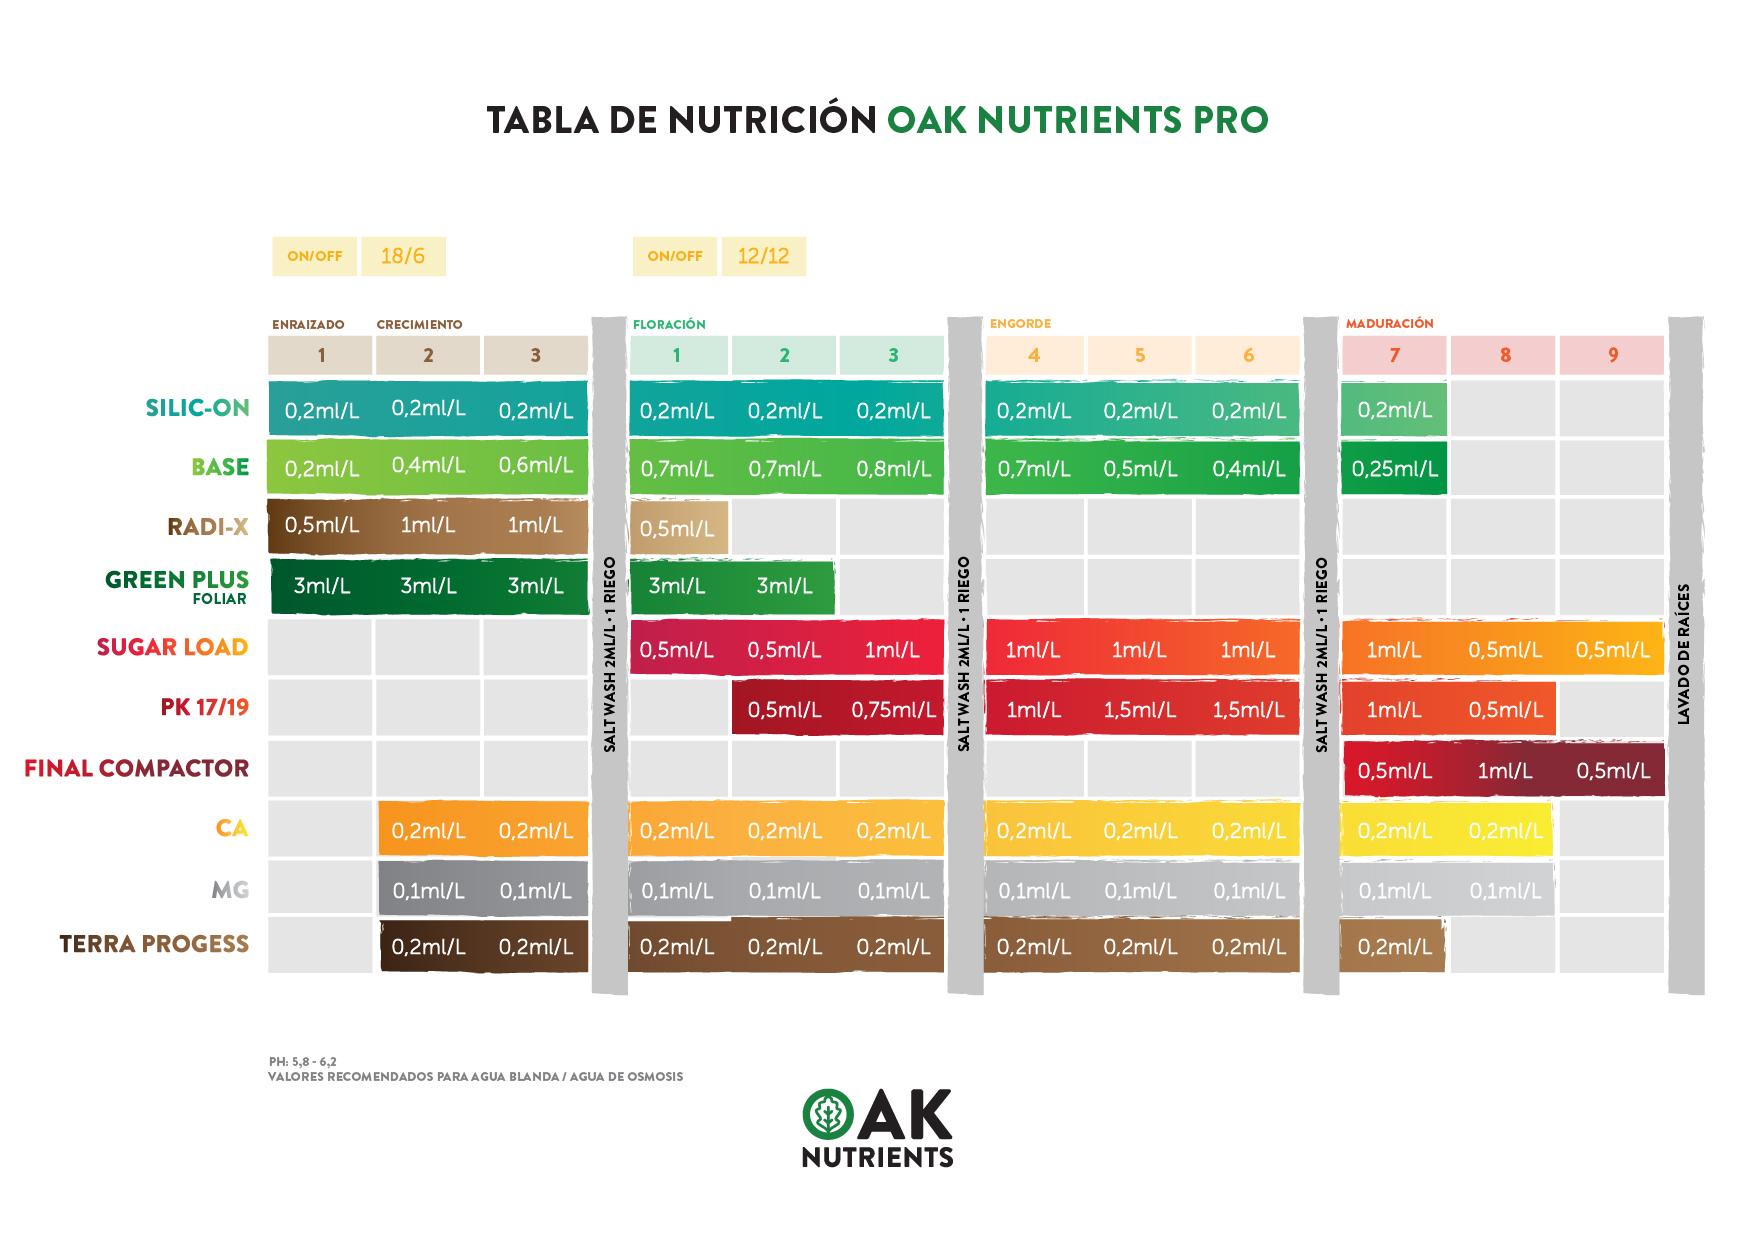 Tabla de cultivo OAK Nutrients - PRO